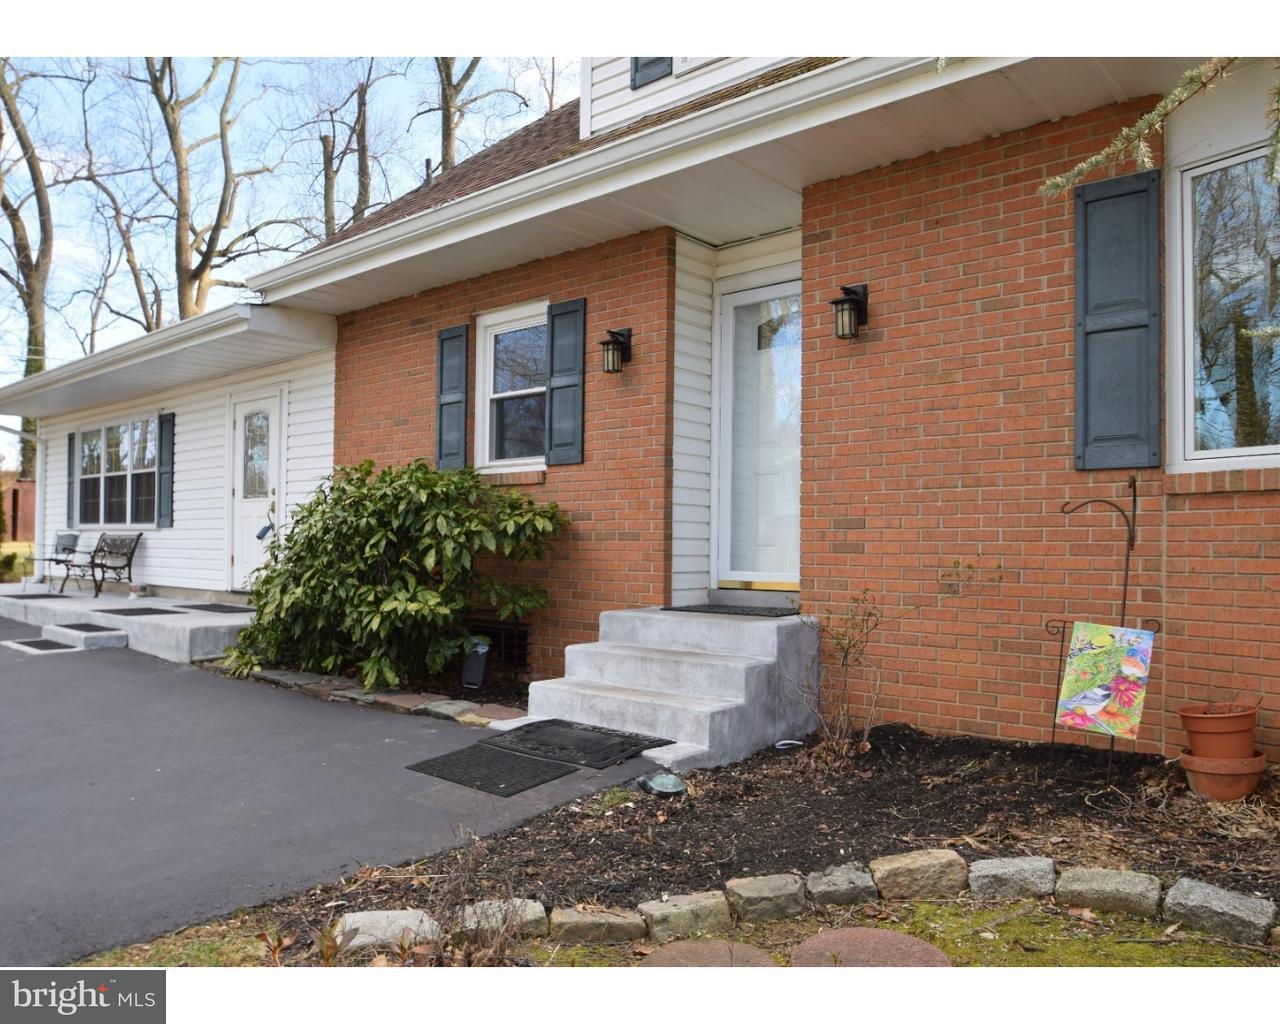 341 RUMPF AVE, LANGHORNE - Listed at $499,900, LANGHORNE